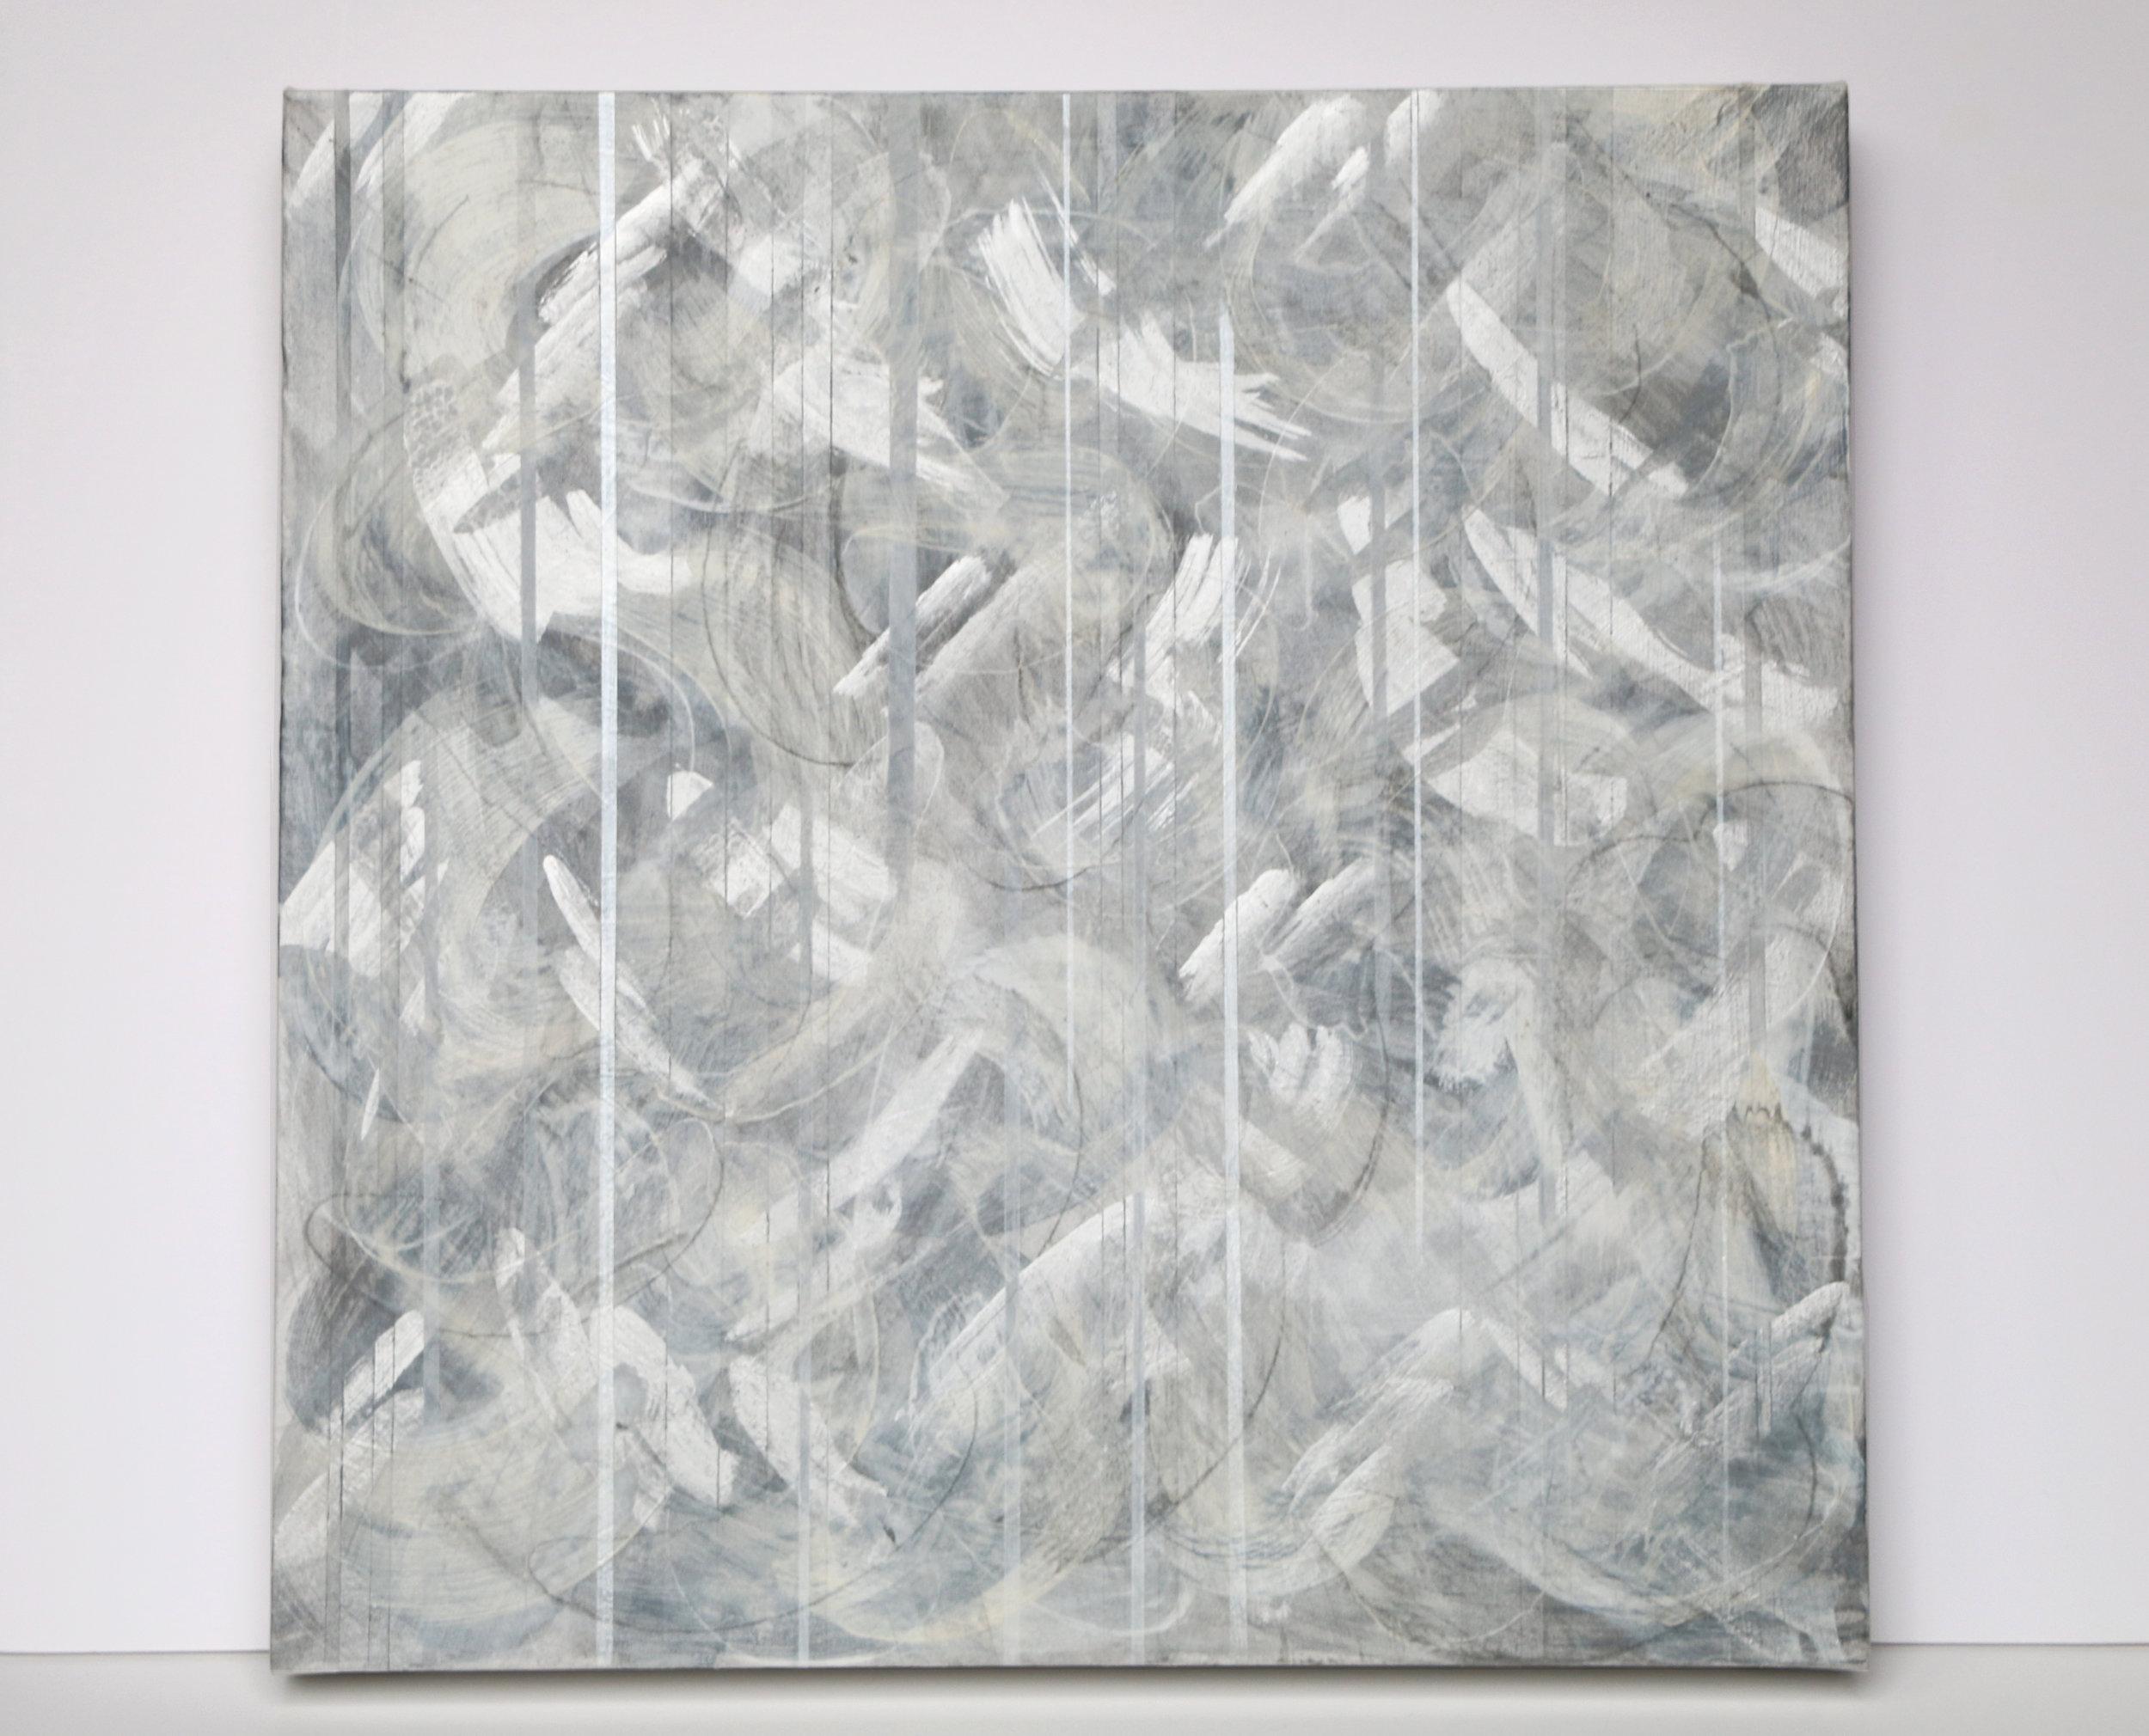 Refocus,  acrylic and aluminium paint on canvas, 40 x 40 cm